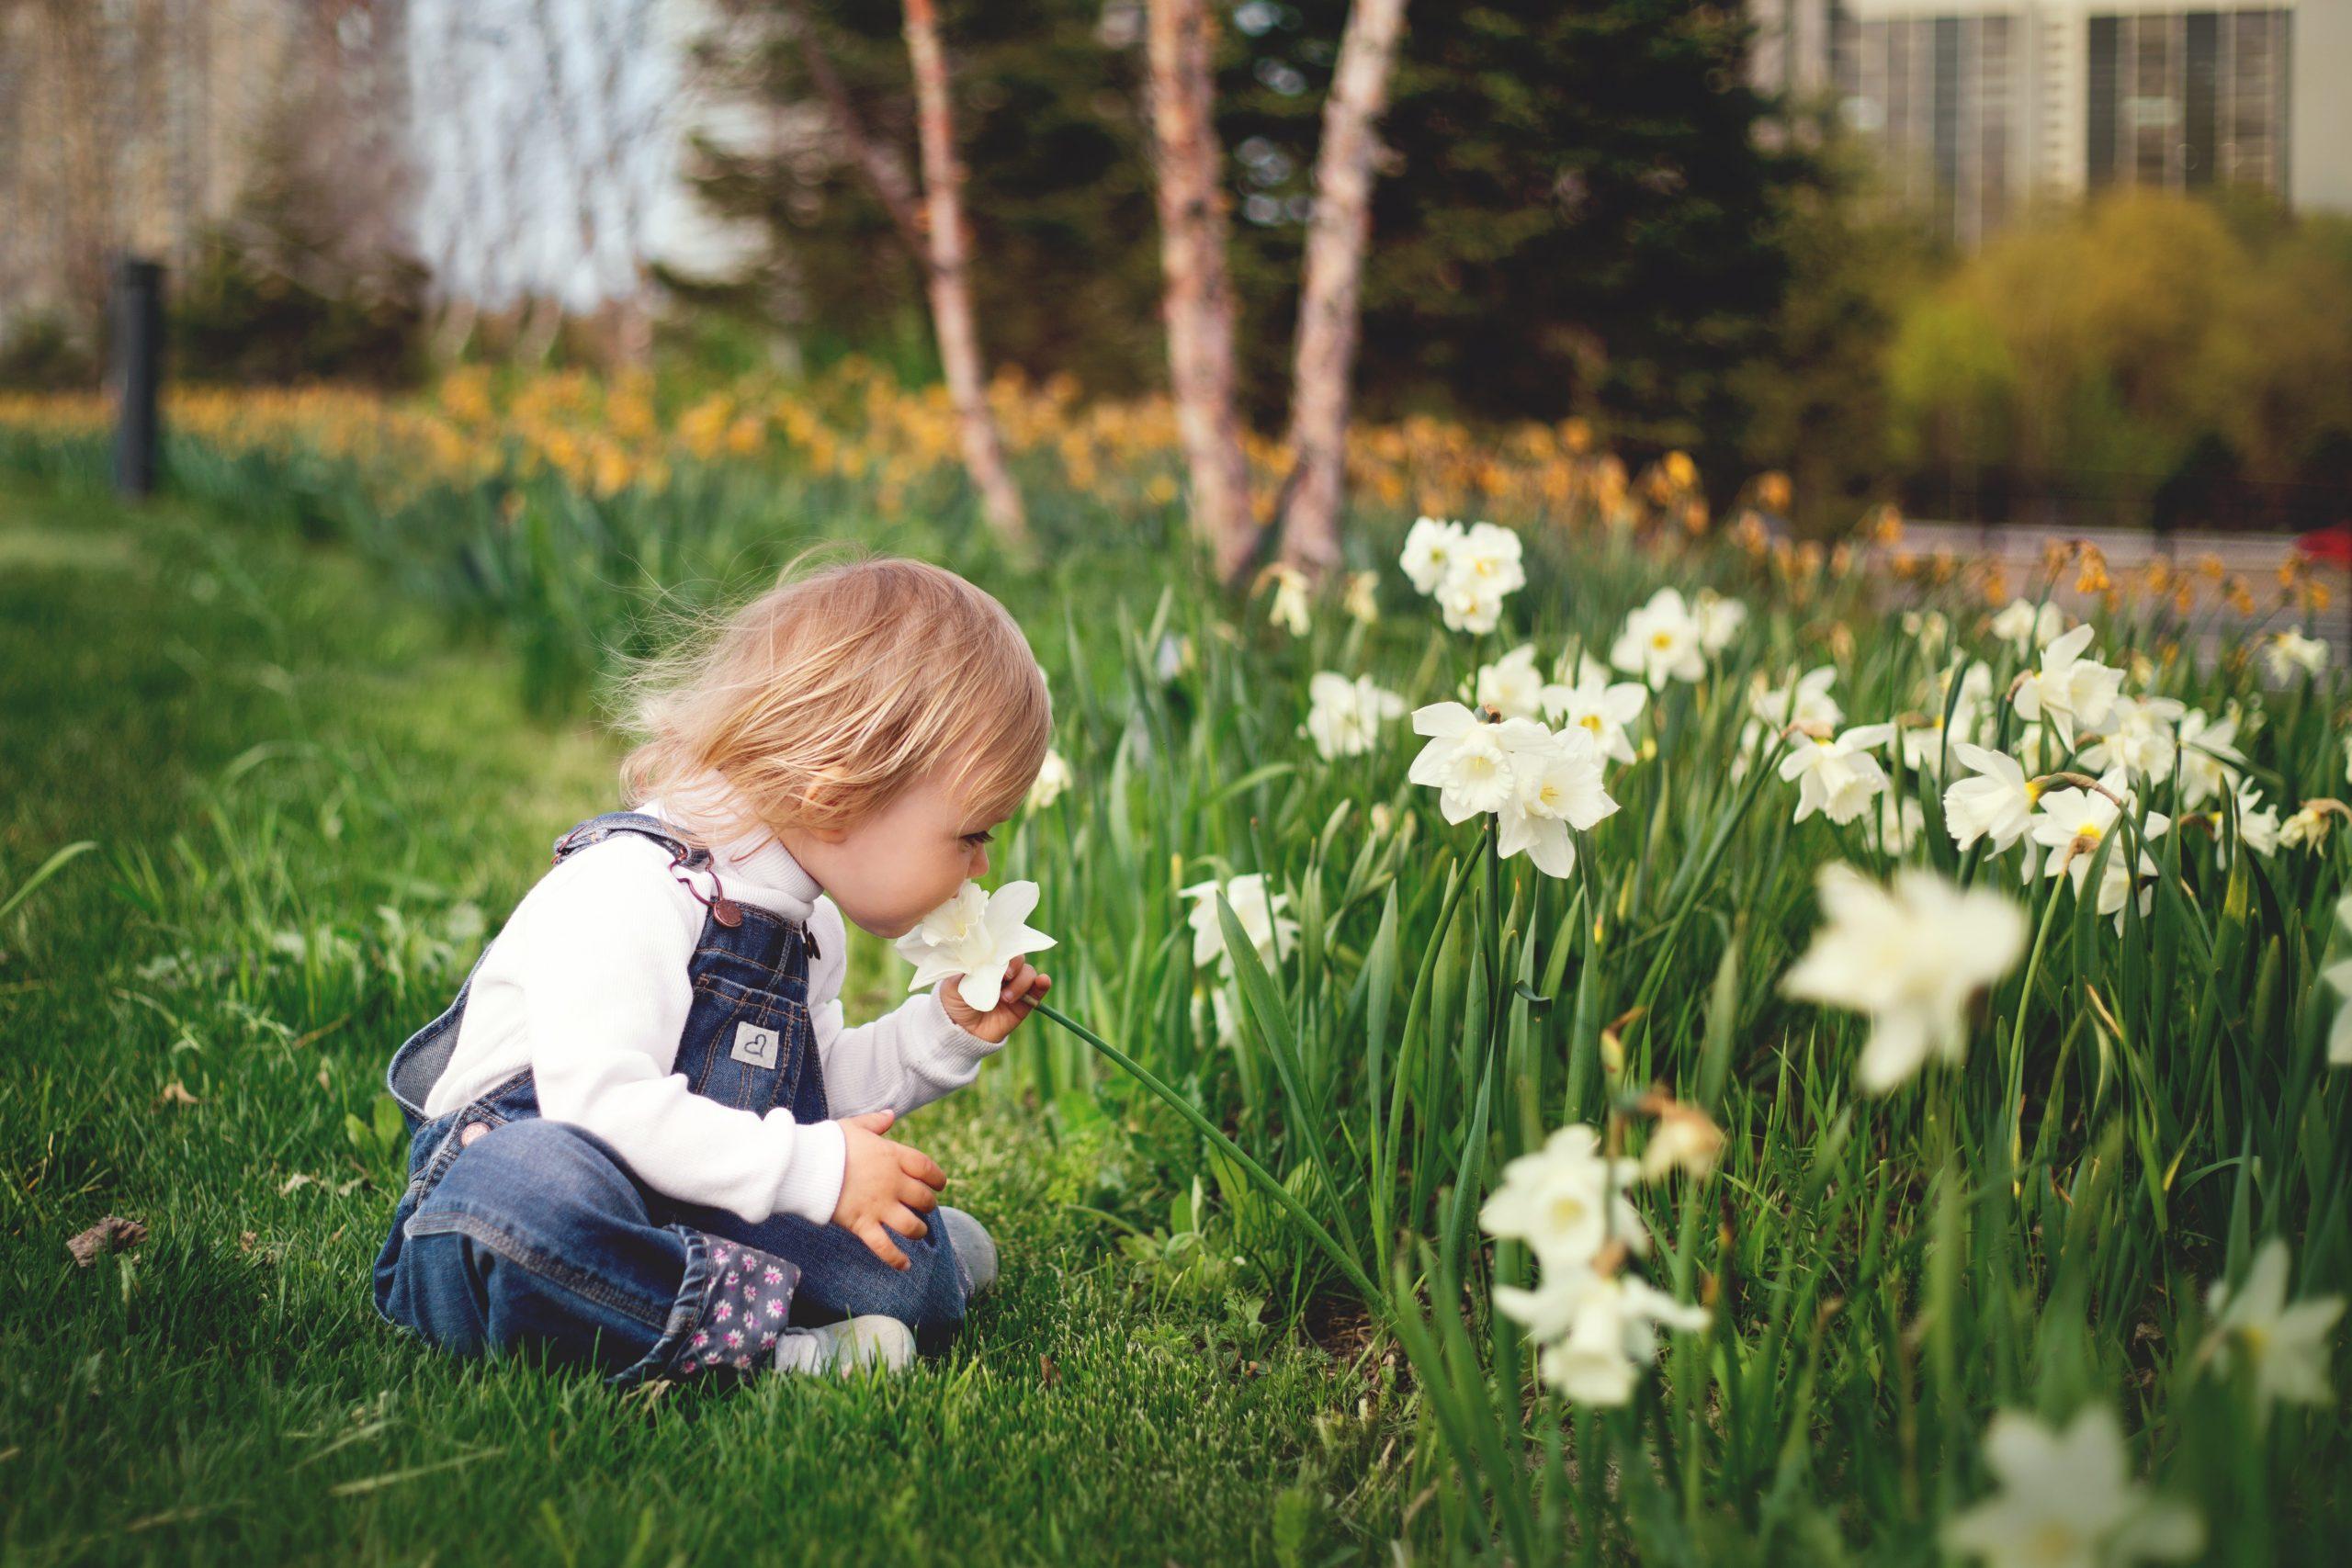 girl-sitting-on-grass-smelling-white-petaled-flower-1879288